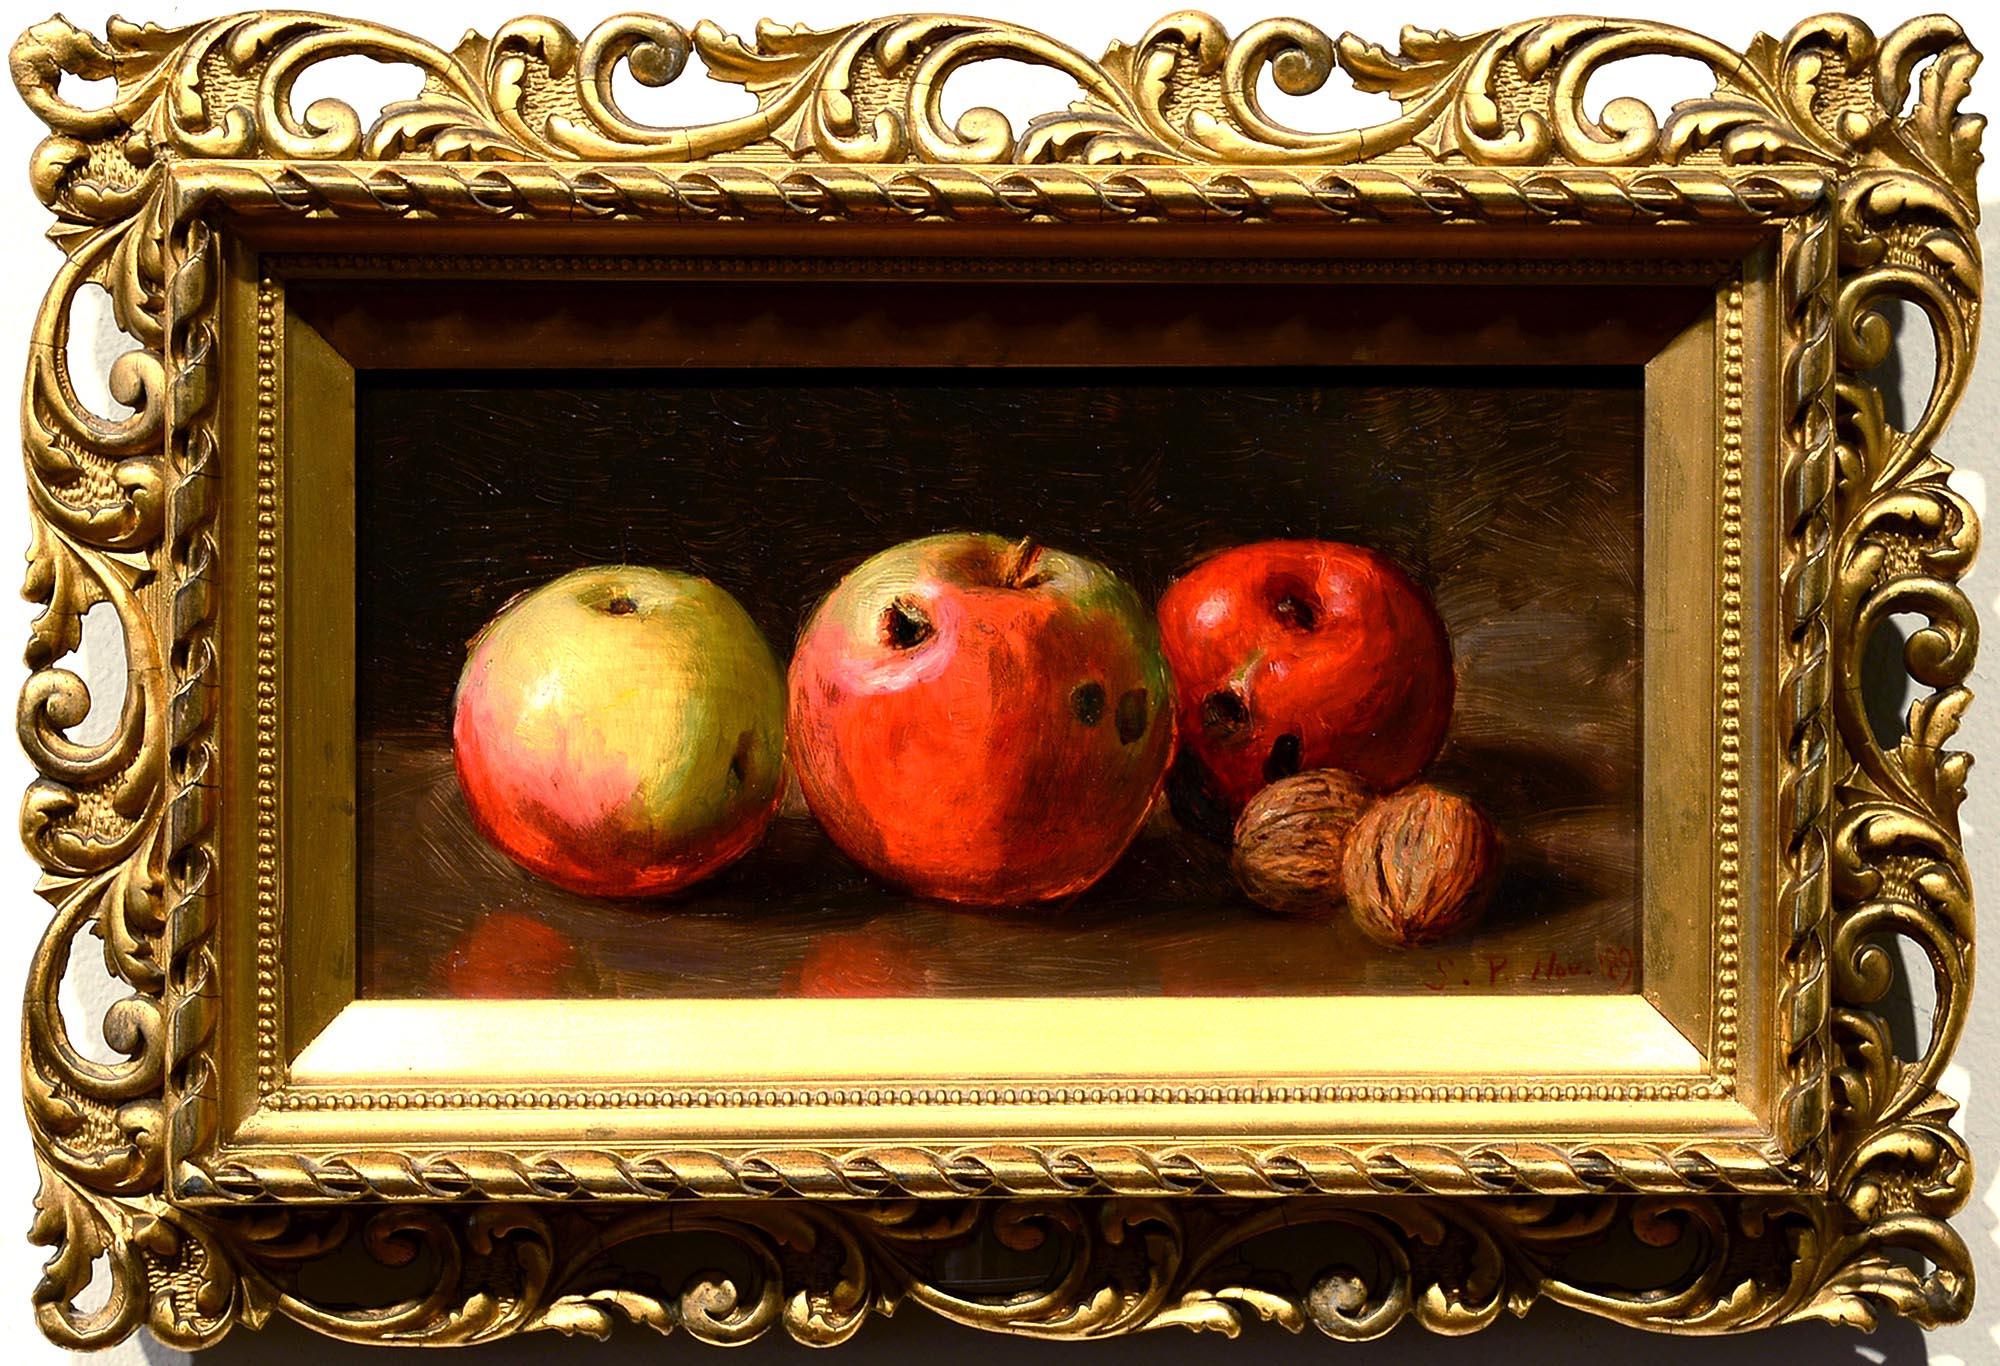 Monogrammed SP Still Life of Apples and Walnuts framed